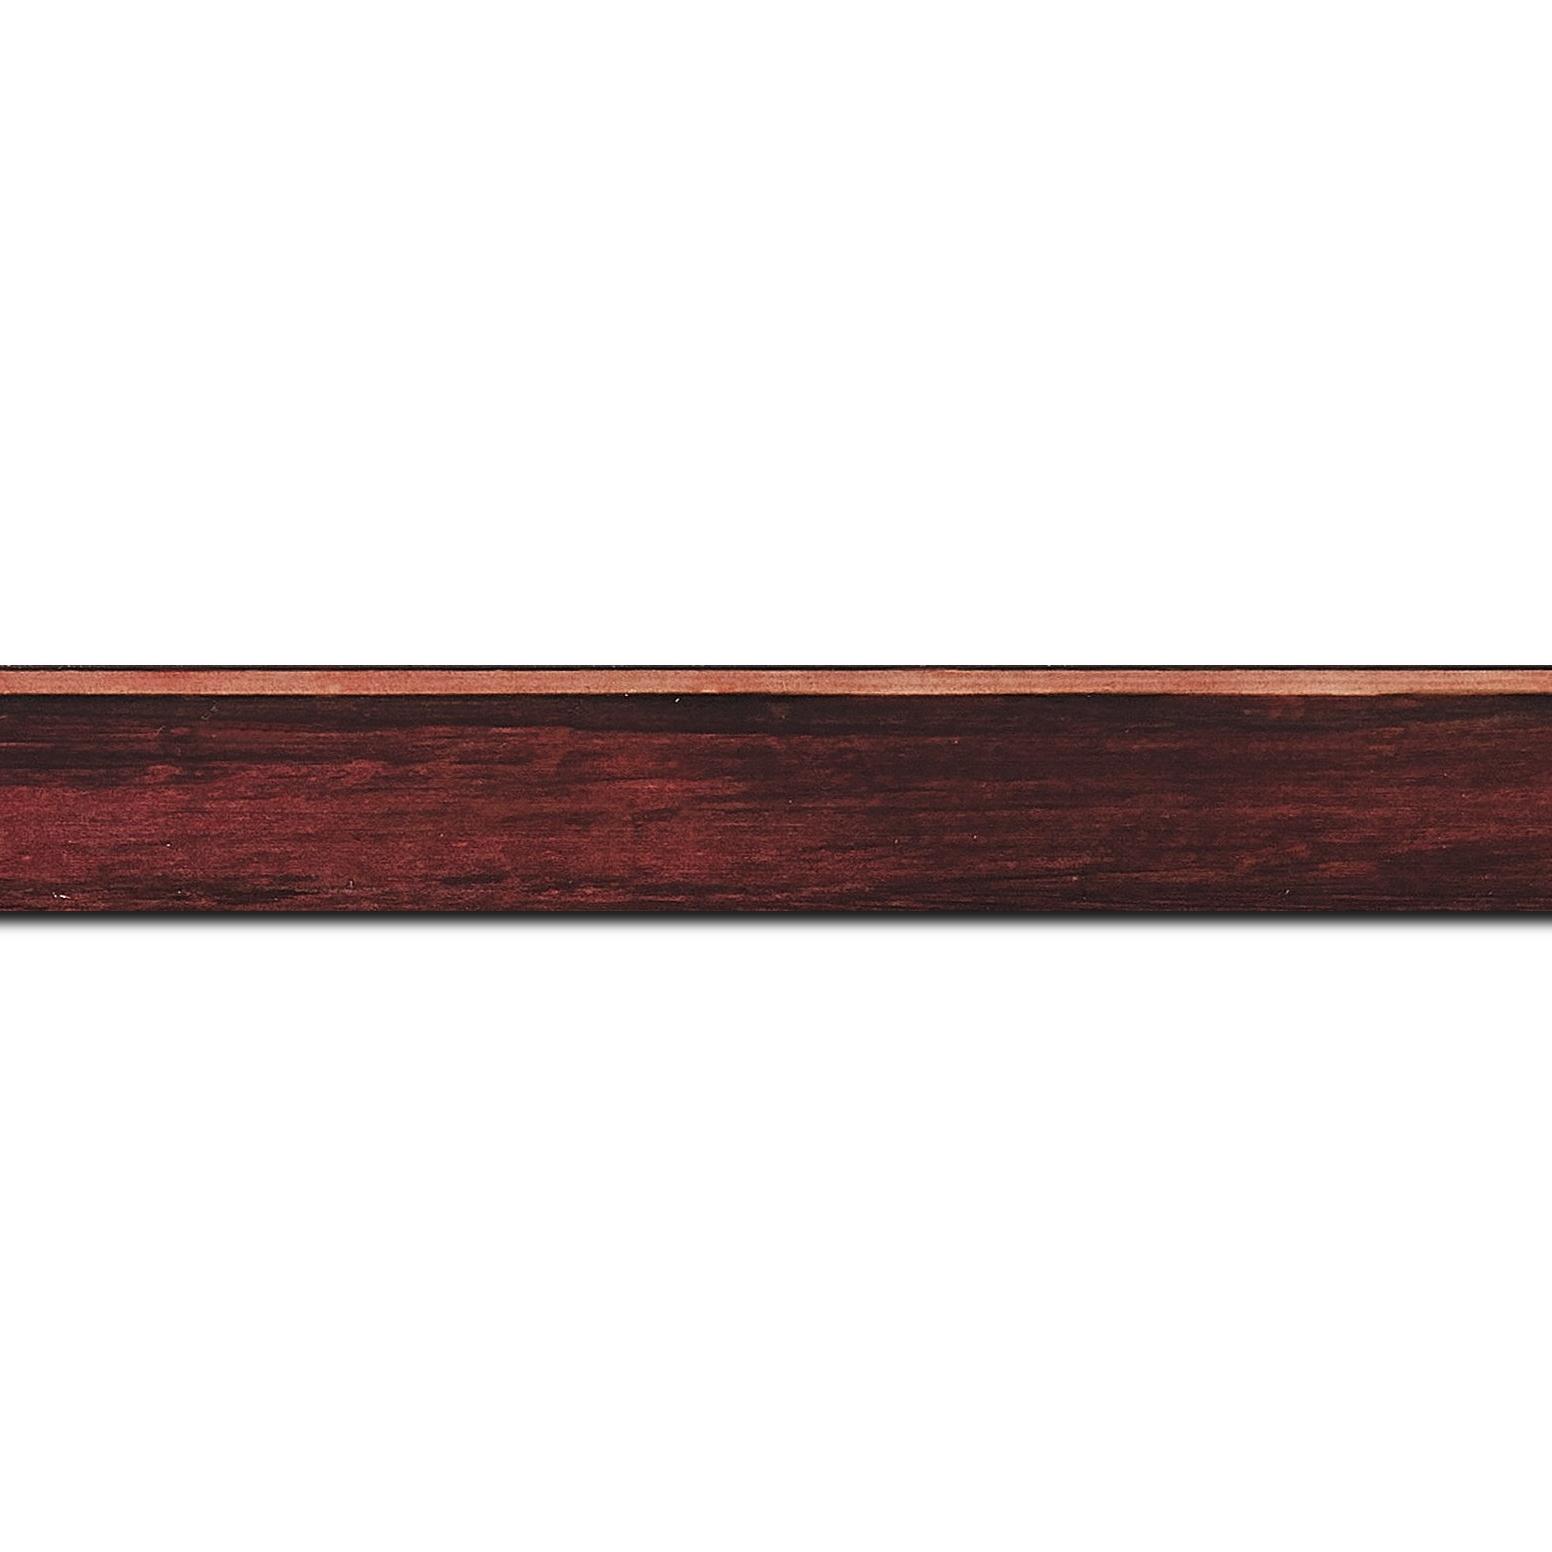 Baguette longueur 1.40m bois profil arrondi en pente plongeant largeur 2.4cm couleur bordeaux effet ressuyé, angle du cadre extérieur filet naturel